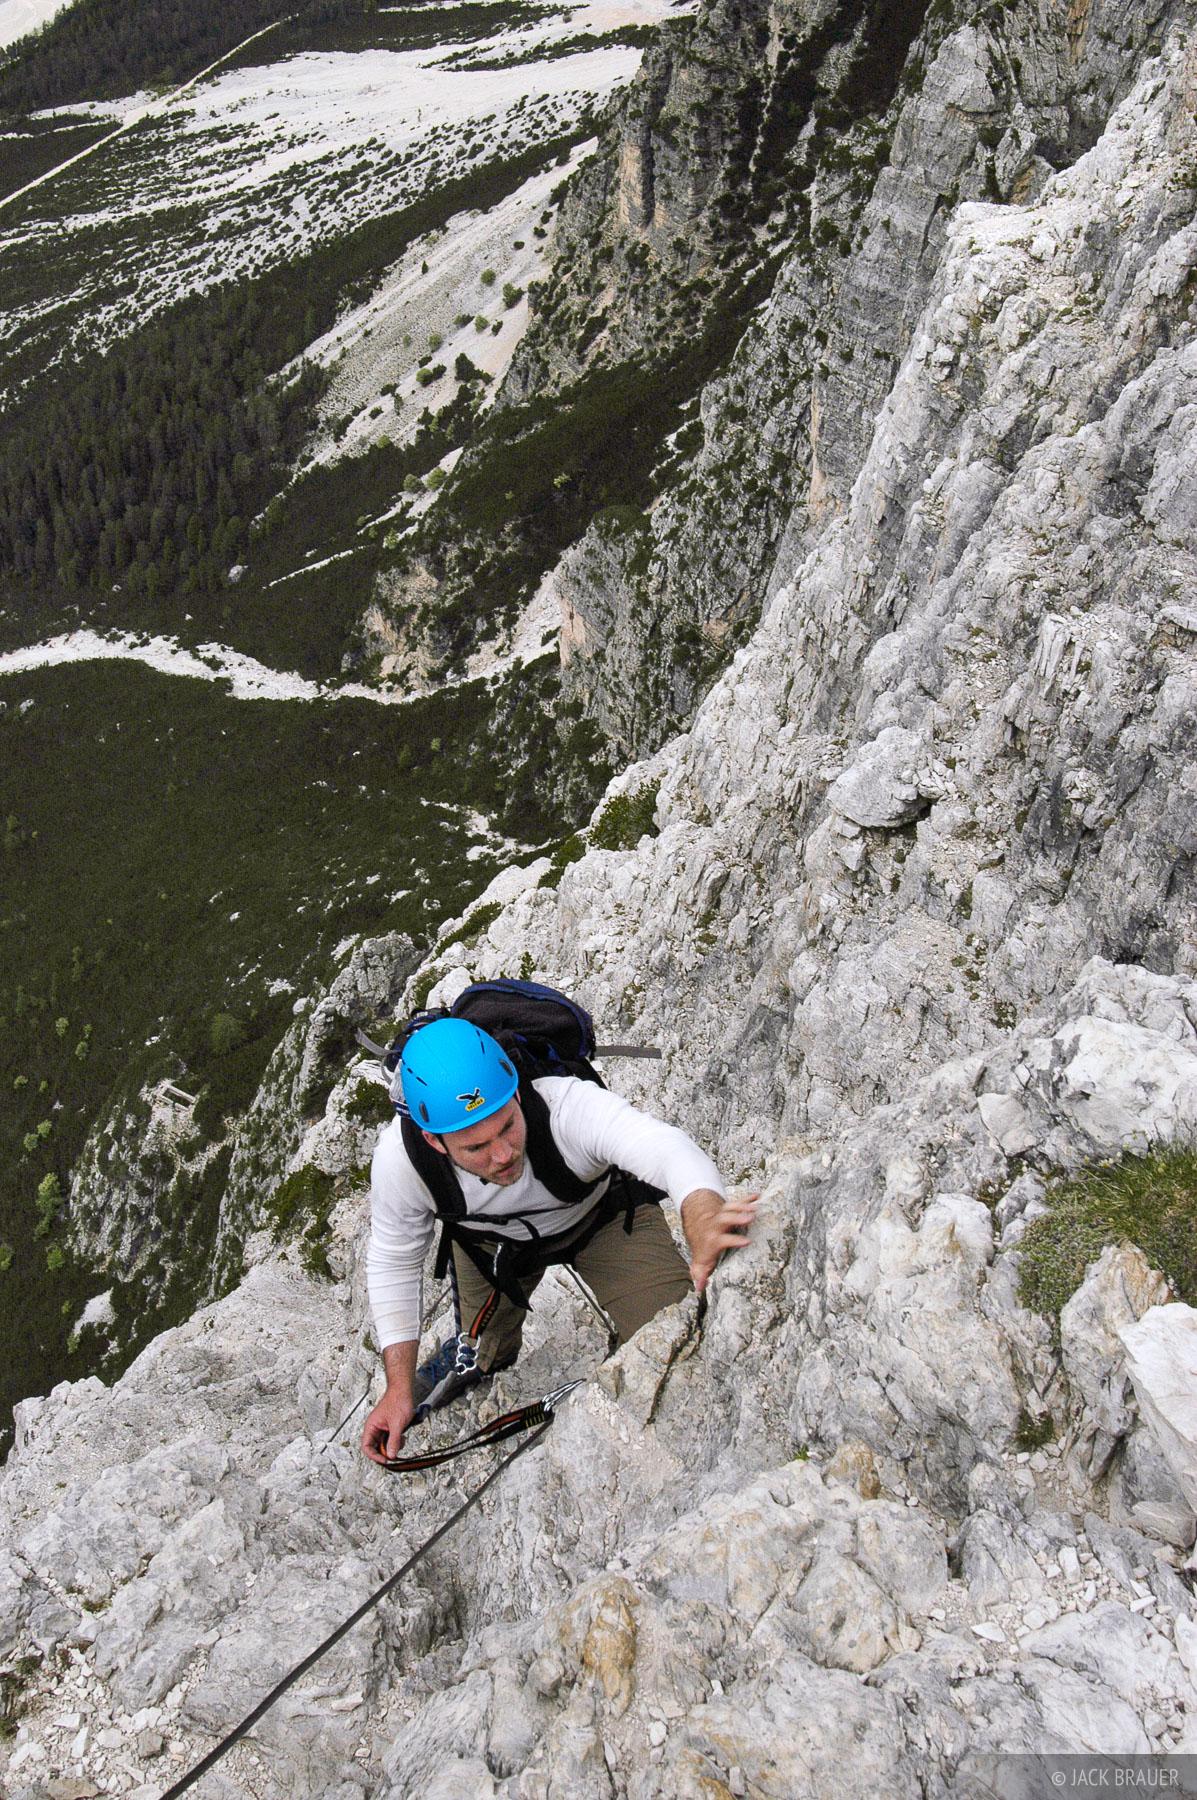 Fiámes, via ferrata, Dolomites, Italy, Cortina, climbing, photo